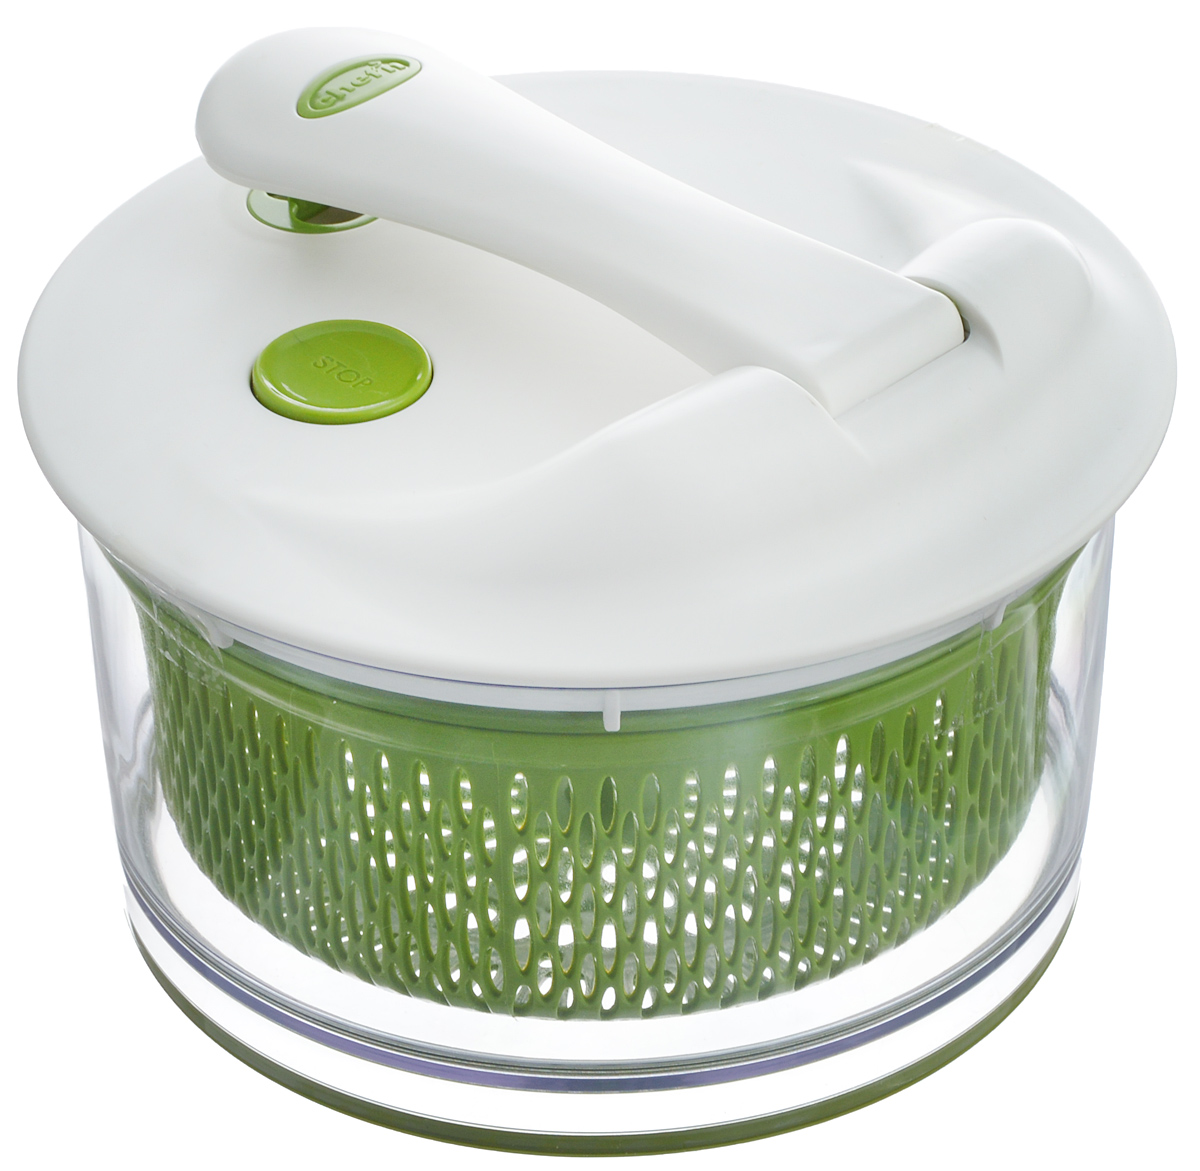 Сушилка для зелени Chefn, цвет: белый, салатовый, прозрачный104-091-011Сушилка Chefn, выполненная из пищевого пластика, предназначена для подготовки зелени к подачи на стол, приготовлению салатов и консервированию. С ее помощью вы можете чисто вымыть и высушить свежую зелень, овощи и фрукты за пару минут. Конструкция центрифуги включает в себя чашу, которая также может быть использована в качестве салатника, и внутреннюю сетку для сушки всех видов овощей и фруктов. Она позволяет хранить овощи в холодильнике более длительное время. Сушилка легко моется и разбирается, что гарантирует максимальную гигиену. Механизм приводиться в движение одним нажатием на ручку. На крышке имеется кнопка останавливающая центрифугу. Функциональность, прочность и универсальность сделают такую сушилку незаменимым аксессуаром для приготовления ваших любимых блюд. Объем чаши: 4 л.Диаметр чаши: 20 см.Высота чаши: 11 см.Диаметр сетки: 18 см.Диаметр крышки: 21,5 см.Длина ручки: 16,5 см.